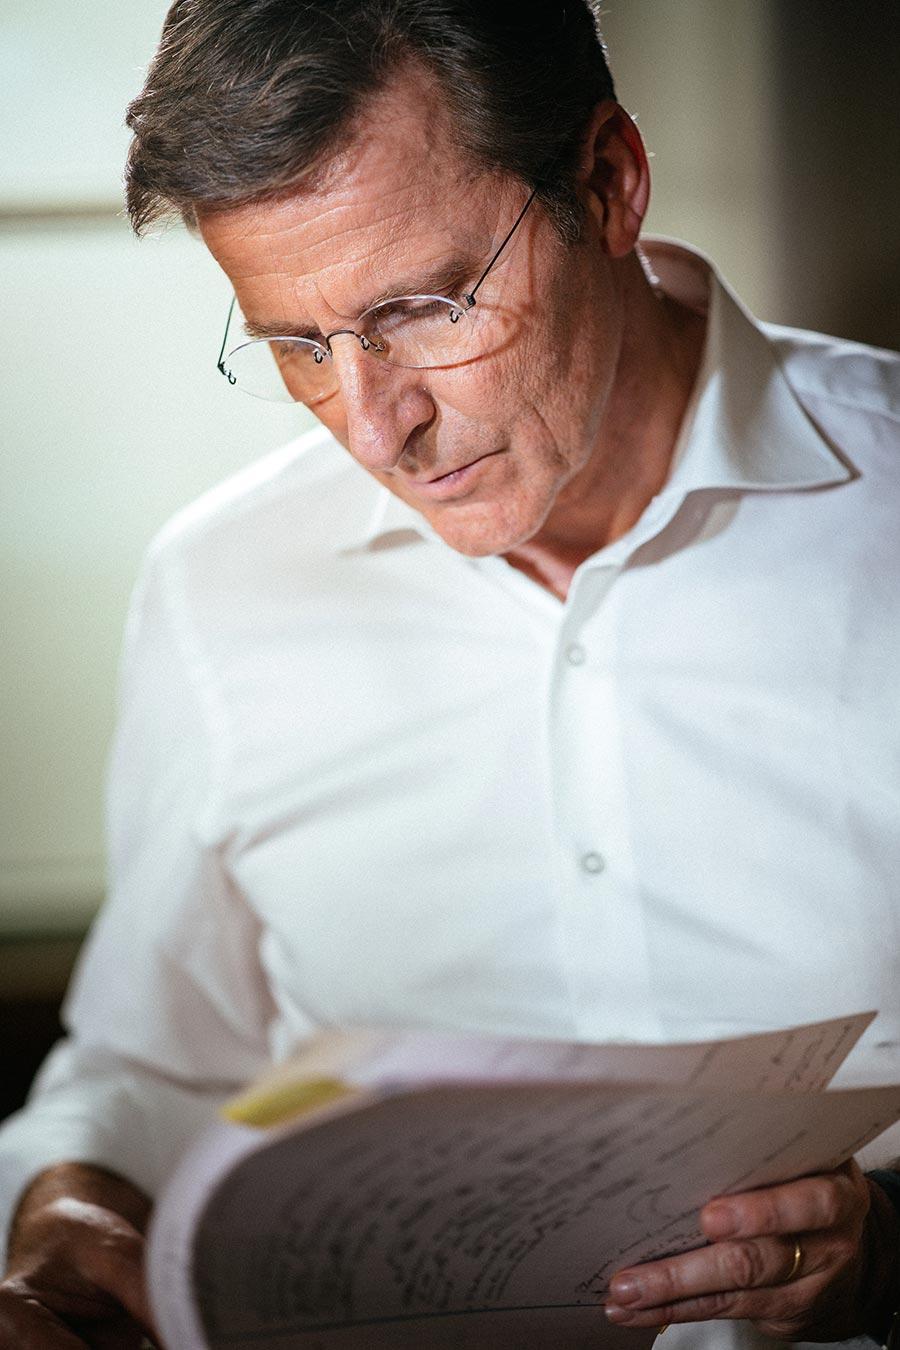 parmigiani-fleurier il maestro parmigiani mentre legge